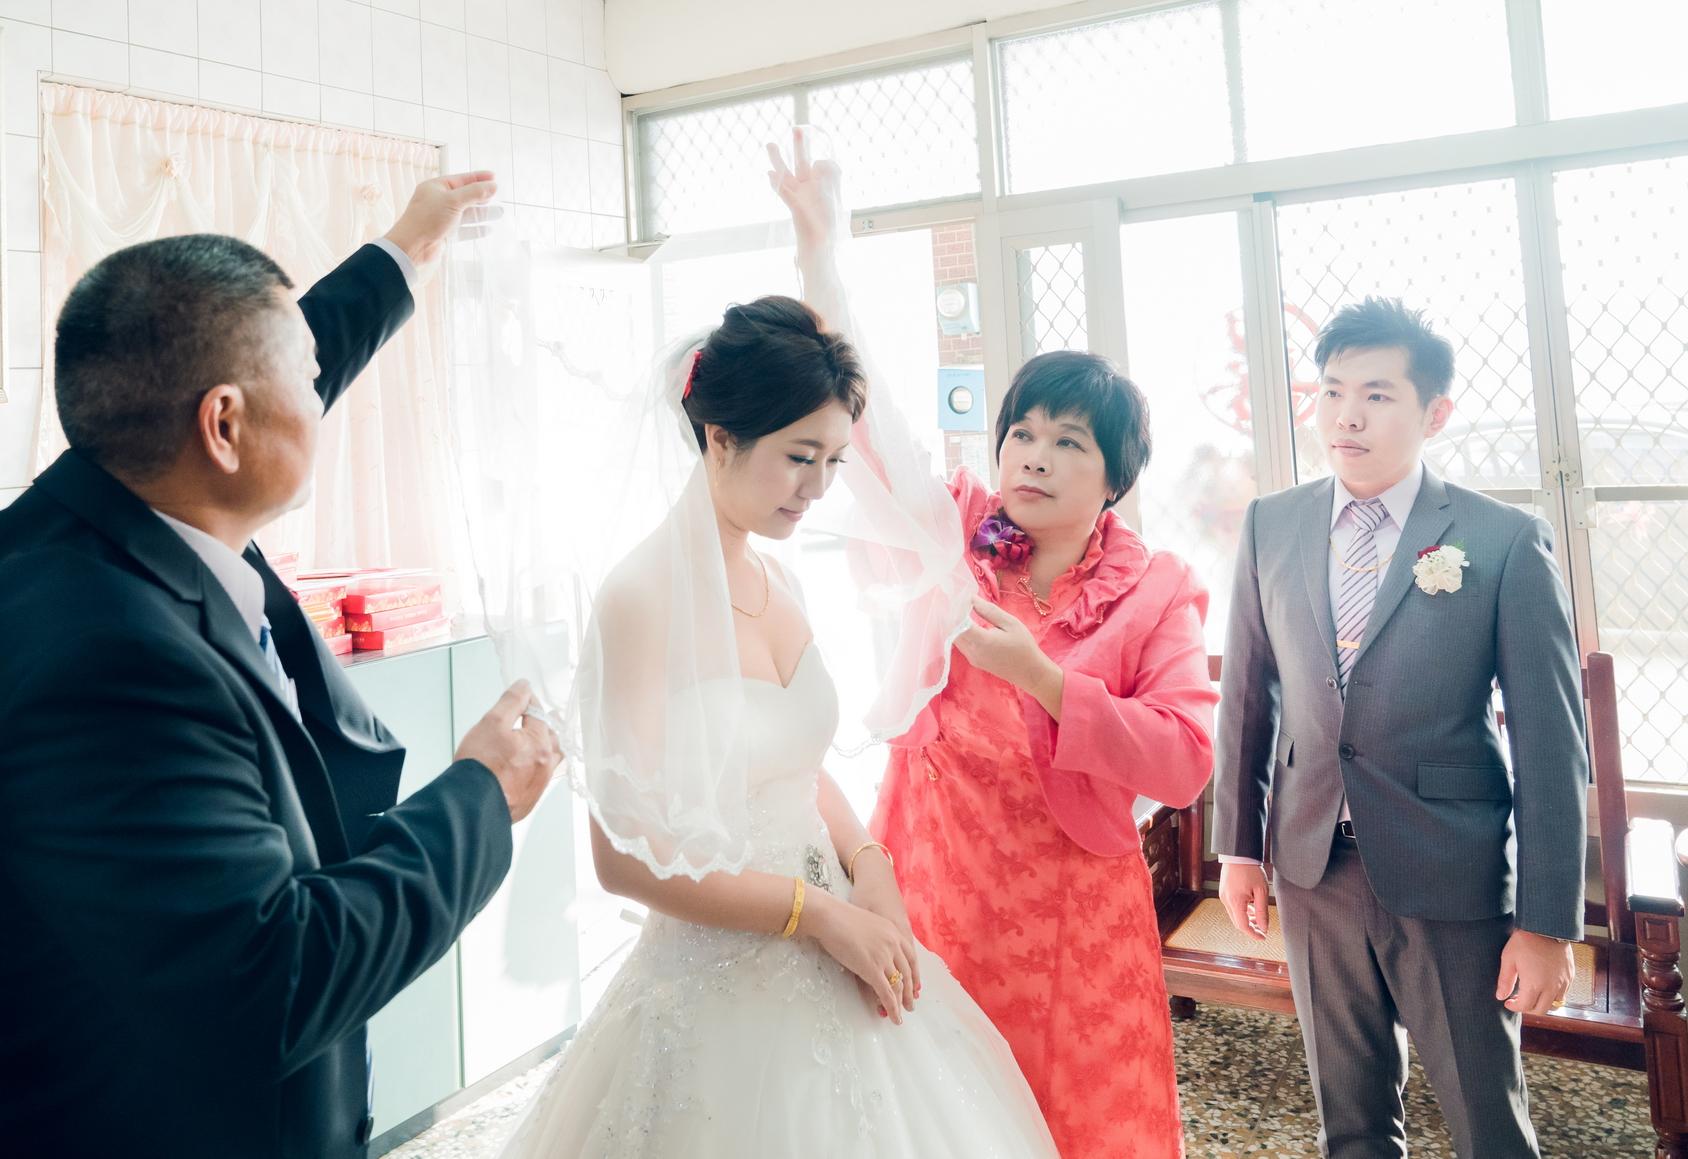 【比堤婚紗.婚禮紀錄】順建 ♥ 婷婷_36